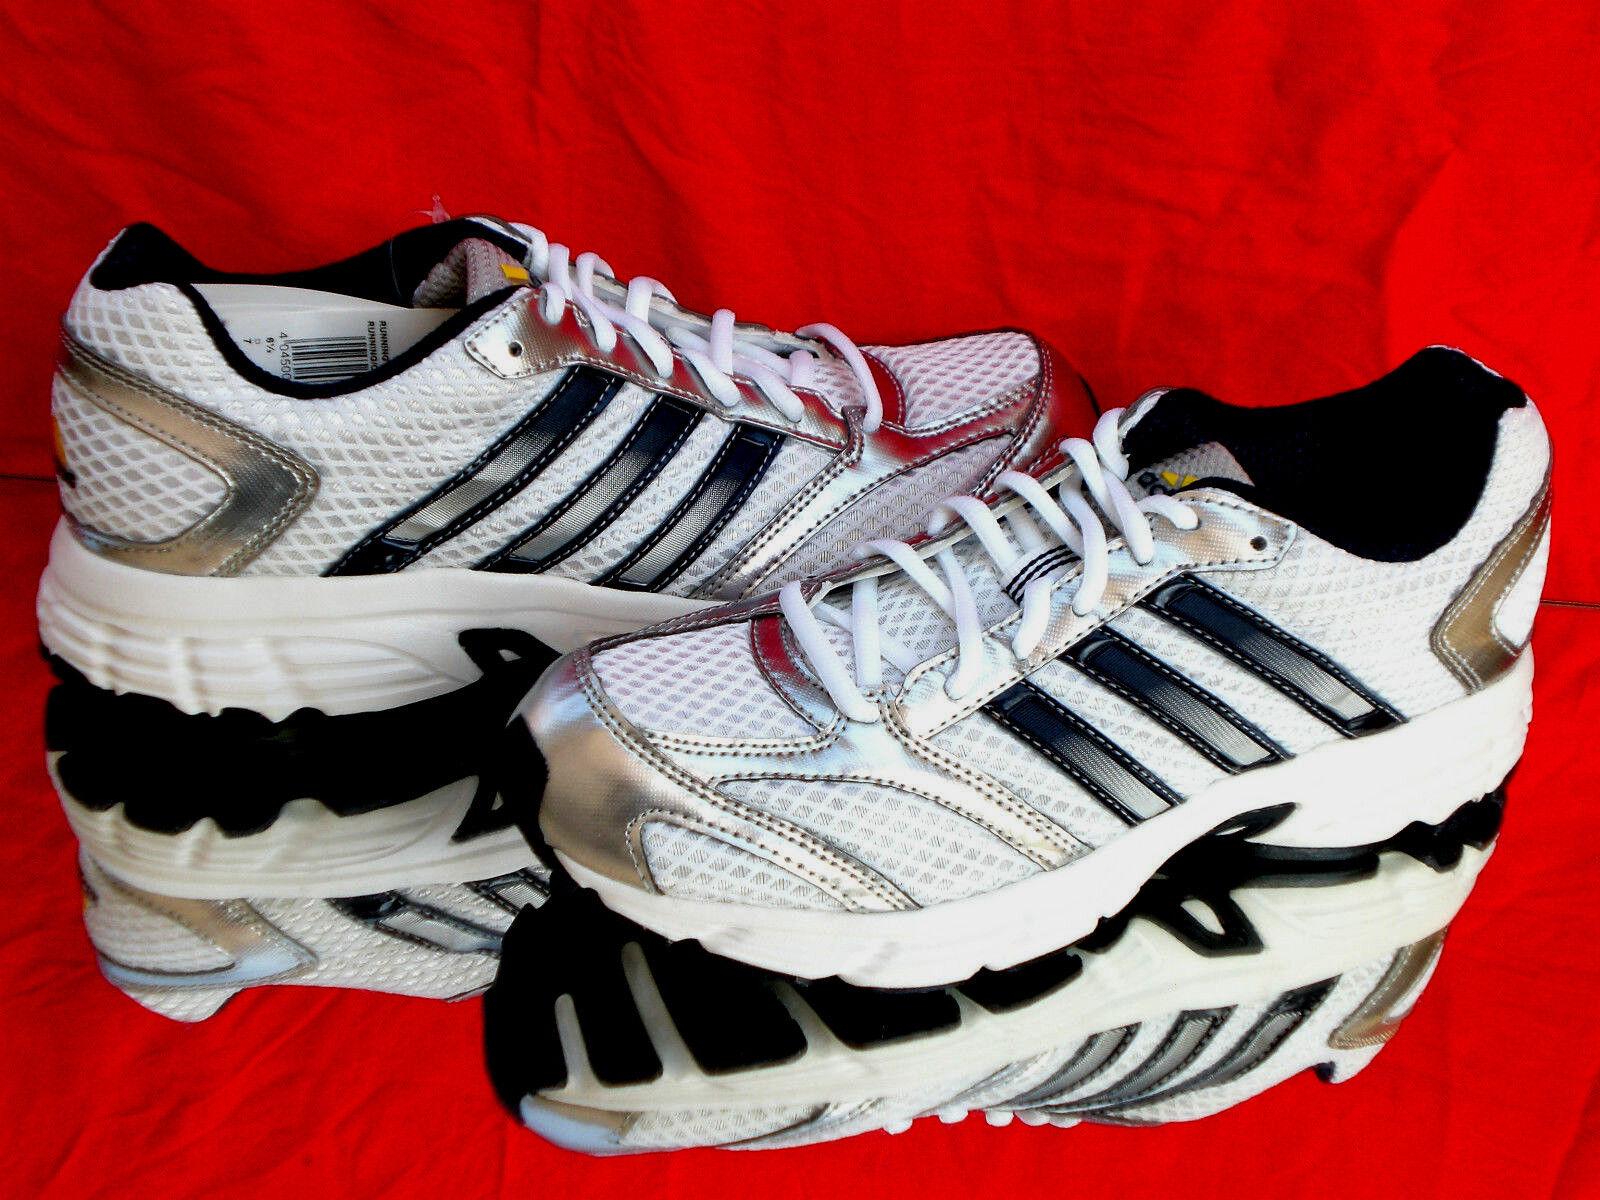 Adidas Vanguish 5 M U42363 Herren Laufschuhe  40-49 1/3 Neu